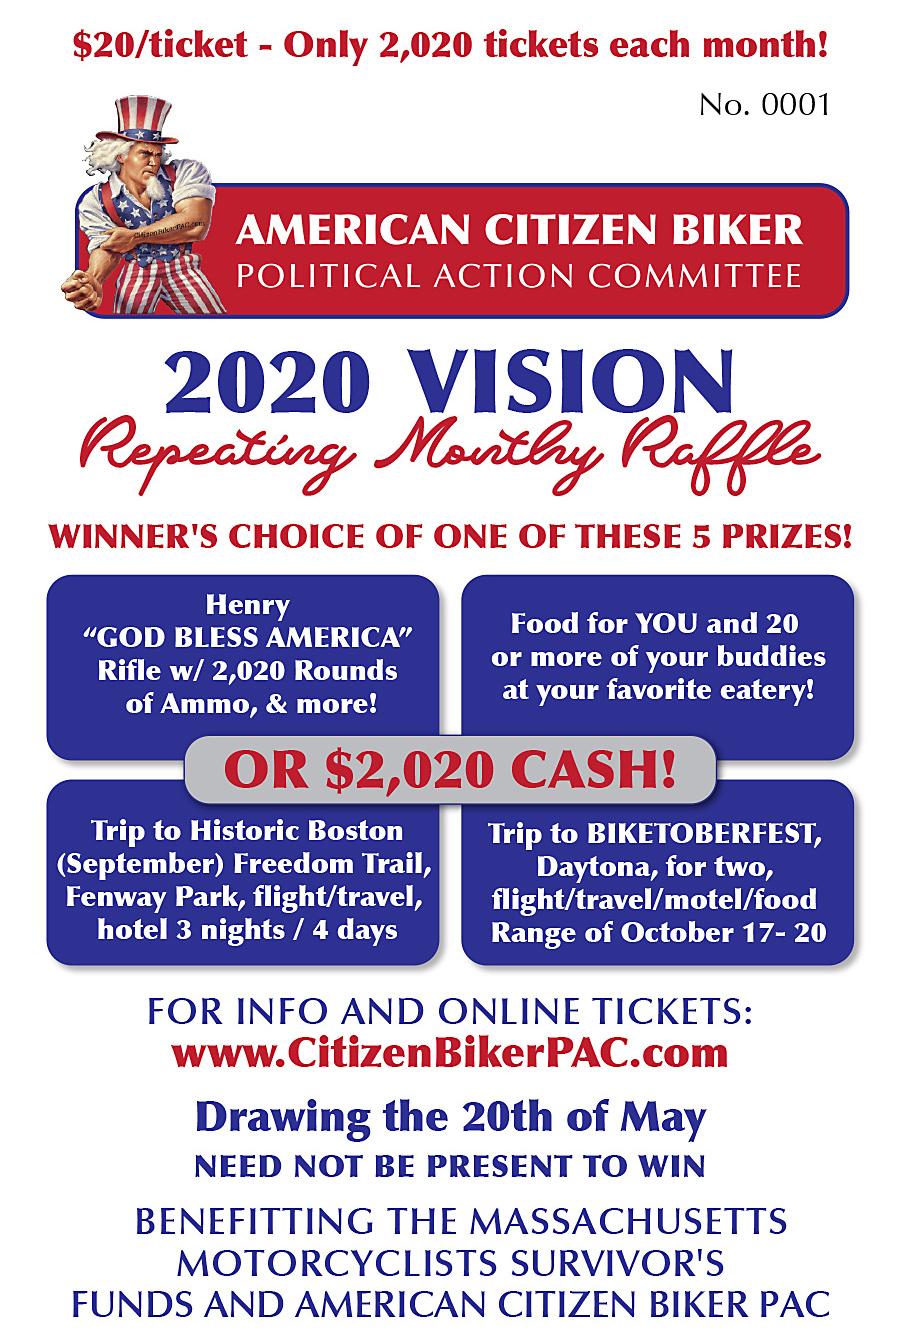 American Citizen Biker PAC